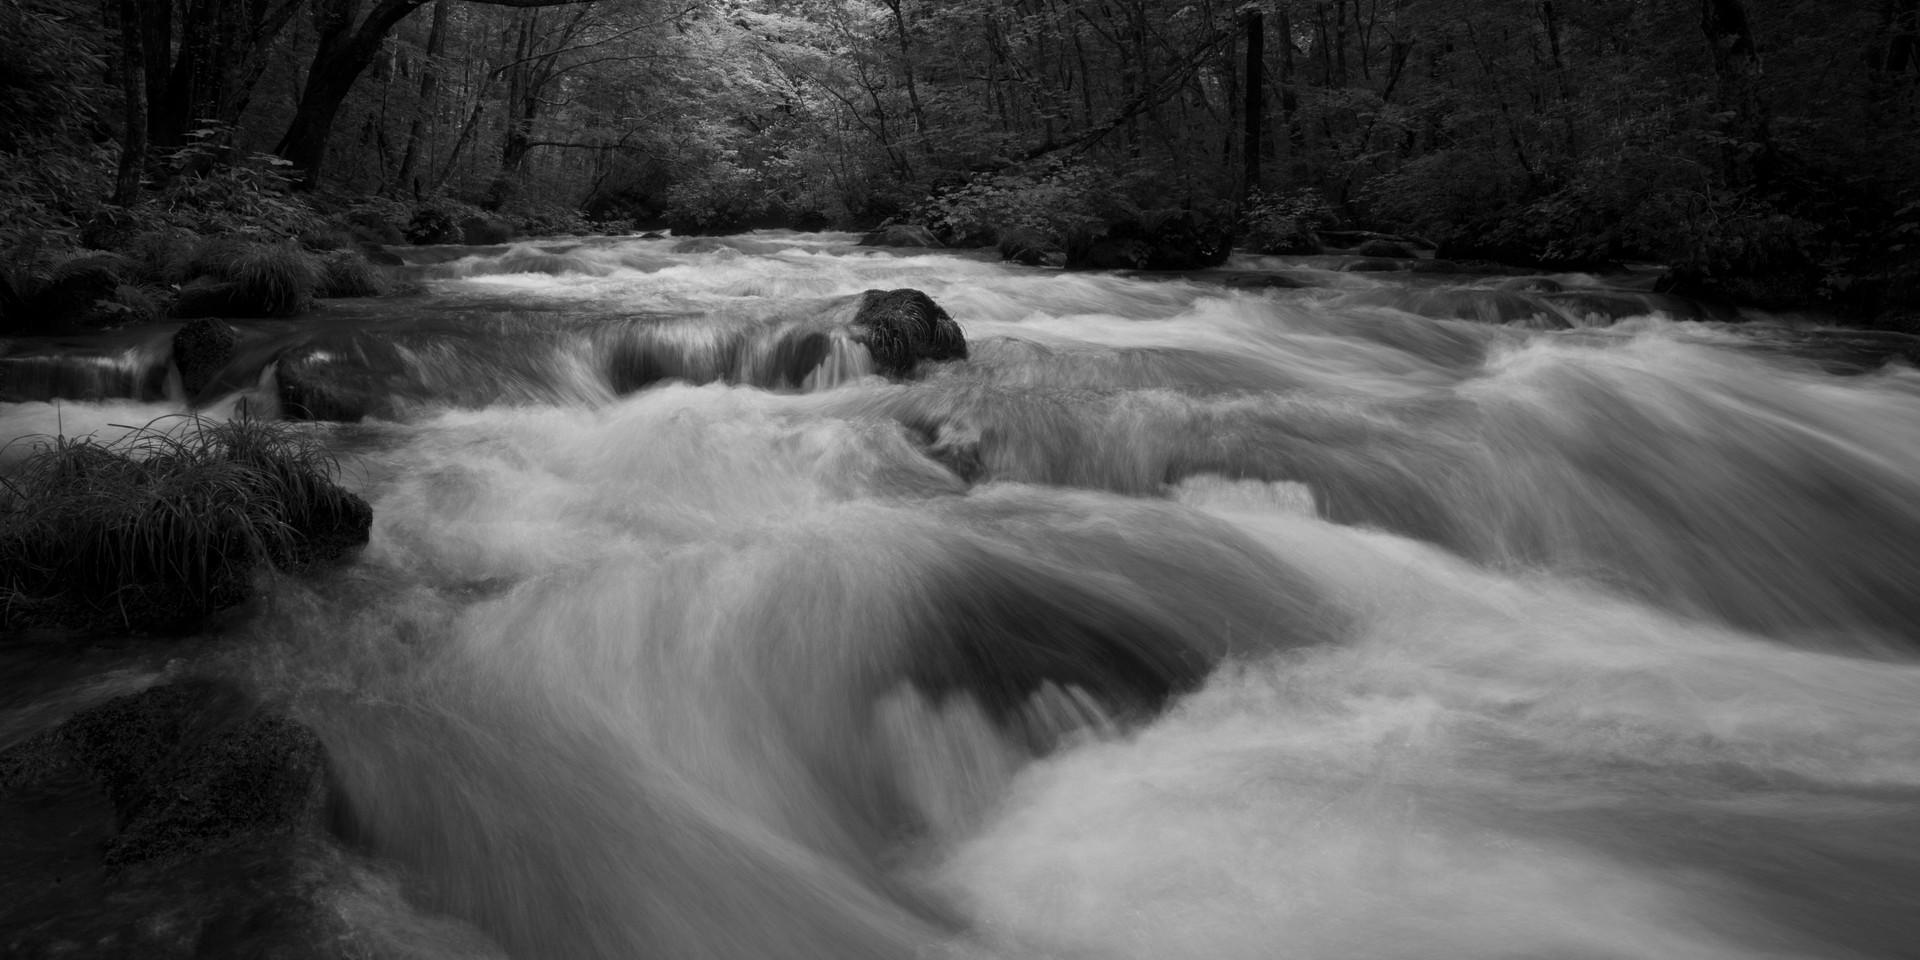 Oirase River Gorge #2